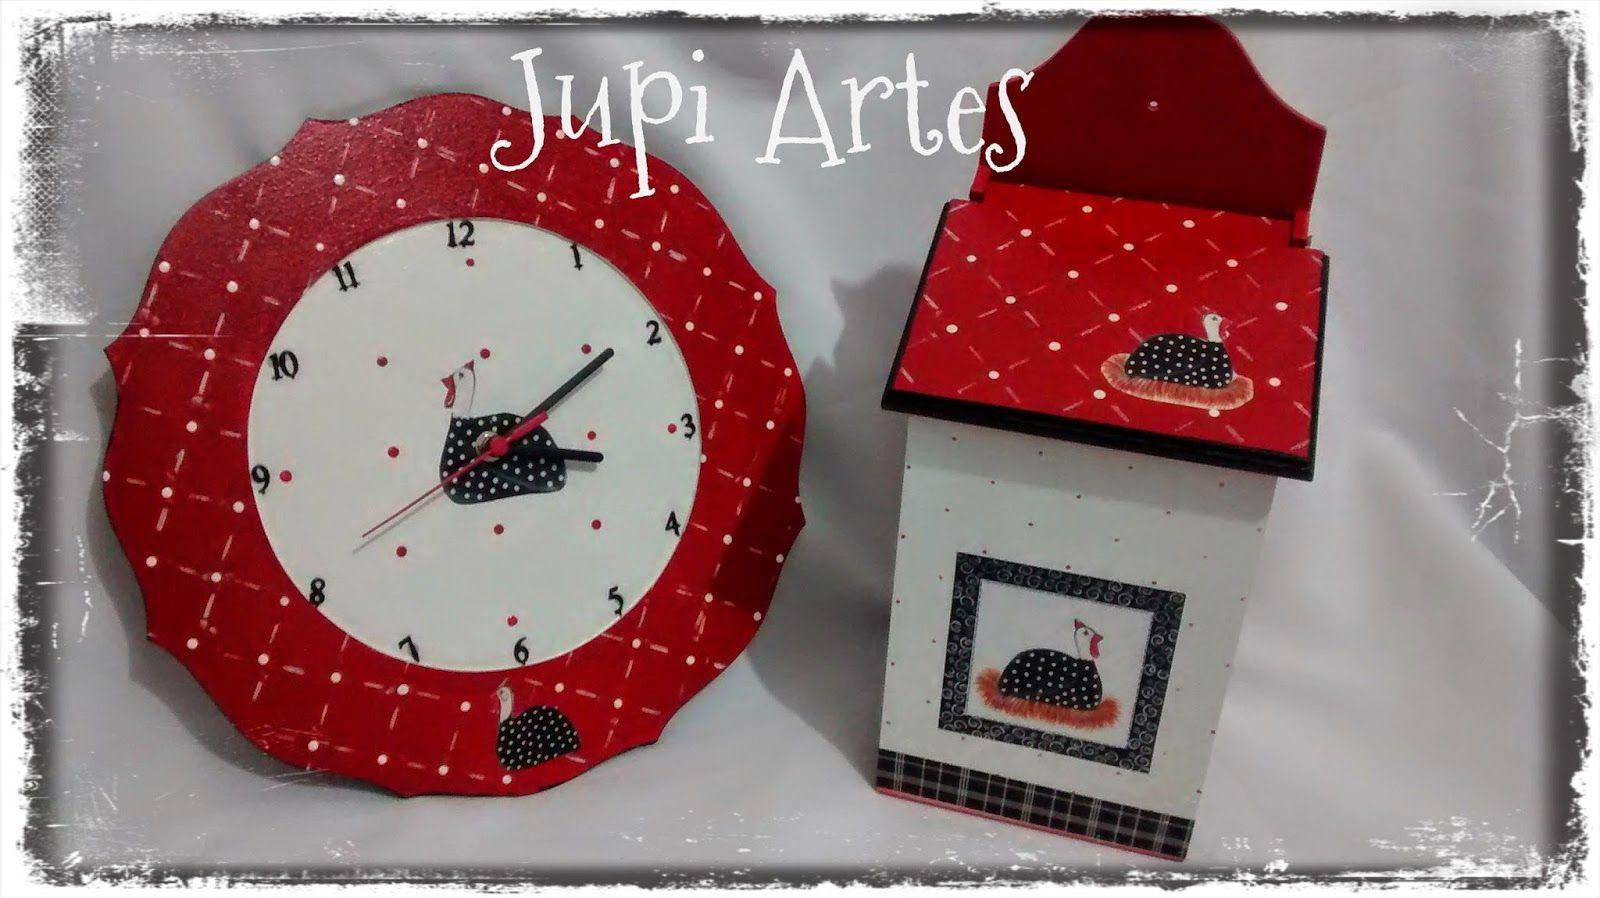 Jupi Artes: Relógio + Puxa Sacos